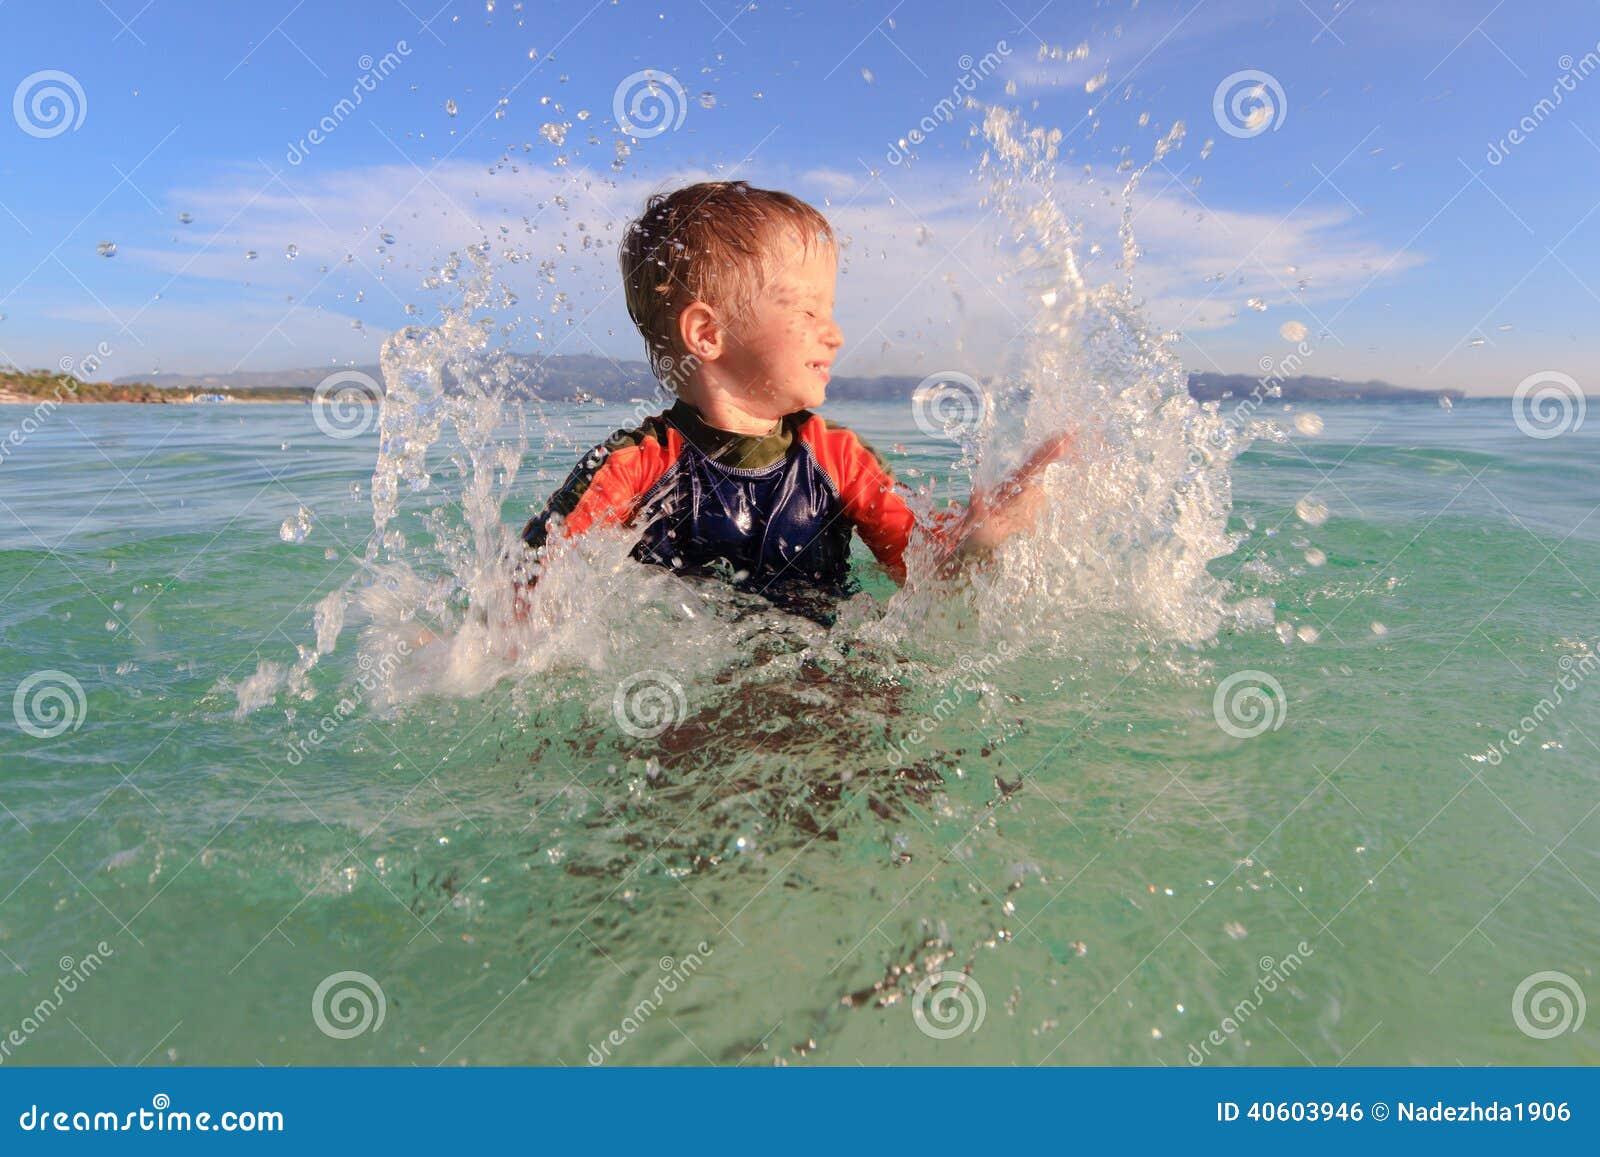 Niño pequeño que juega con agua en la playa